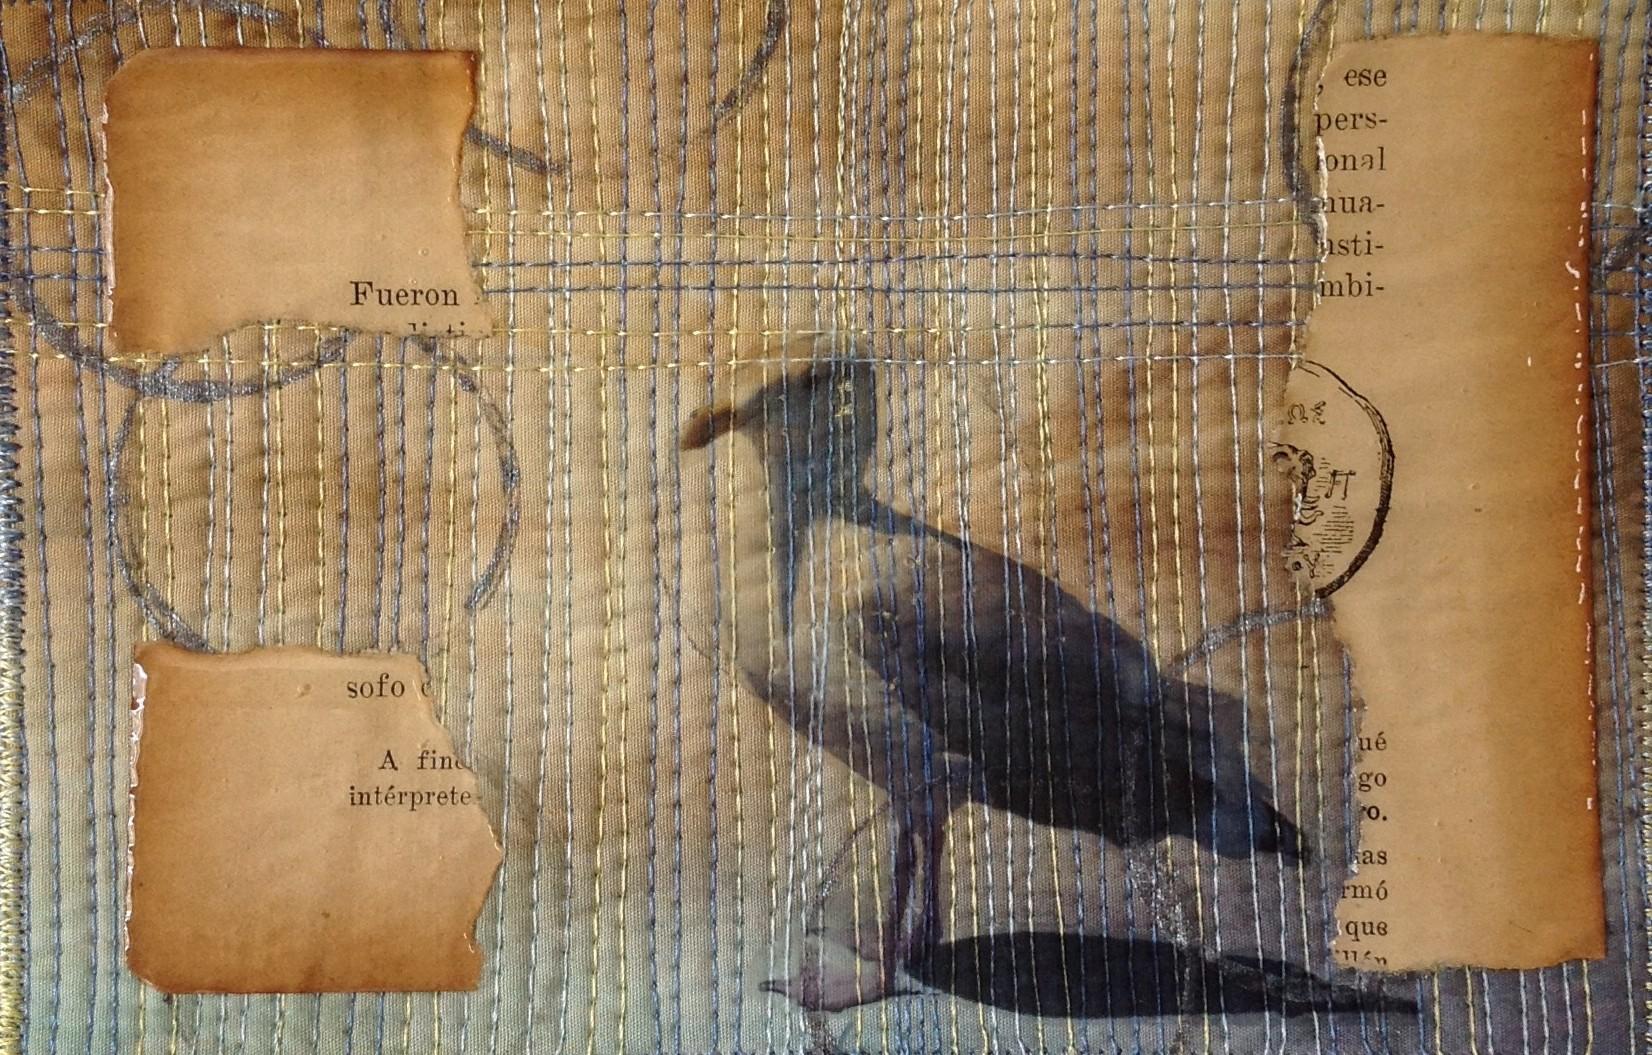 seagull-card-e1421793611695